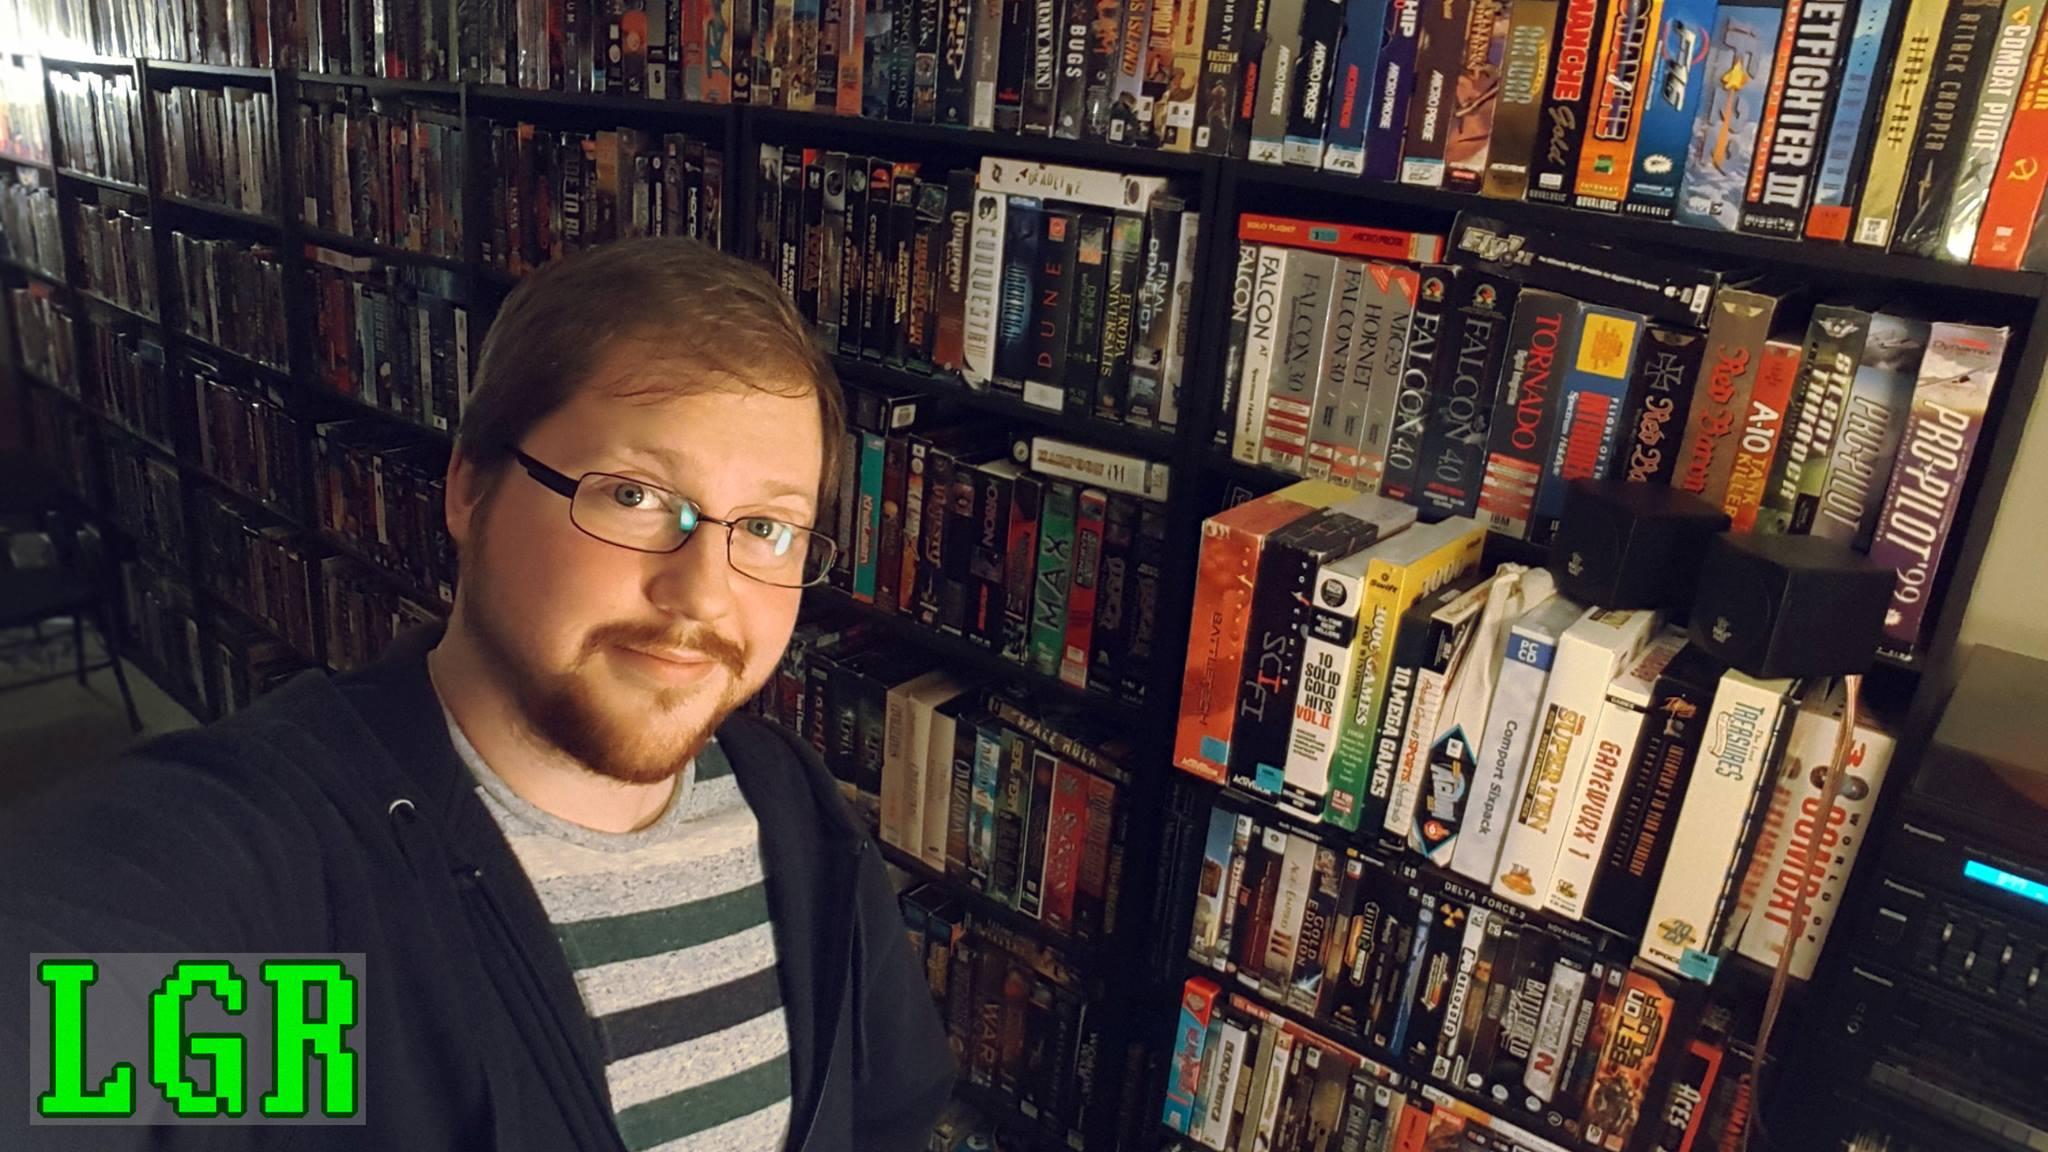 La collection de jeux PC que Clint a amassée au cours des années pourrait en rendre plusieurs jaloux